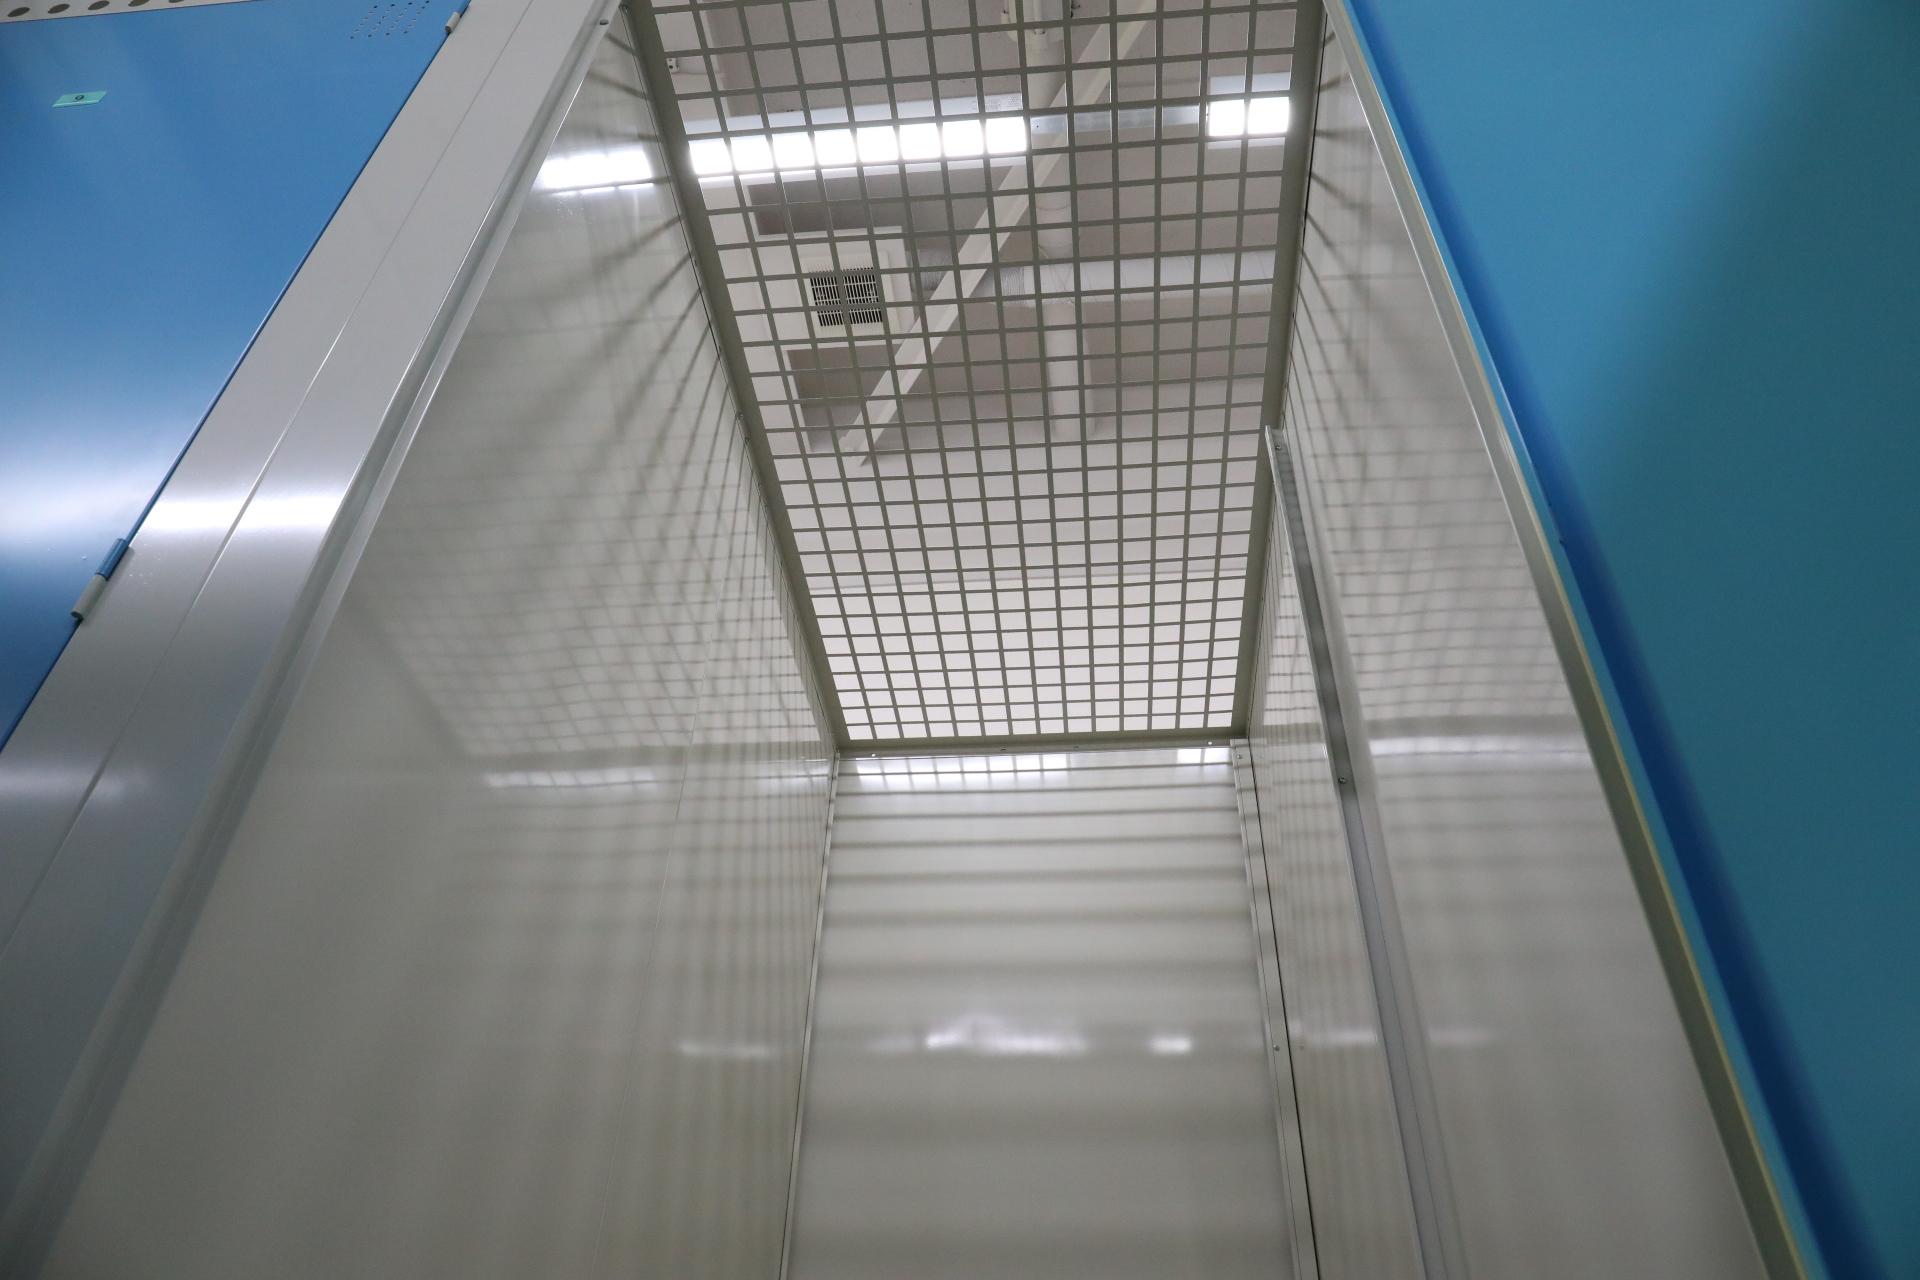 札幌豊平区のトランクルーム天井